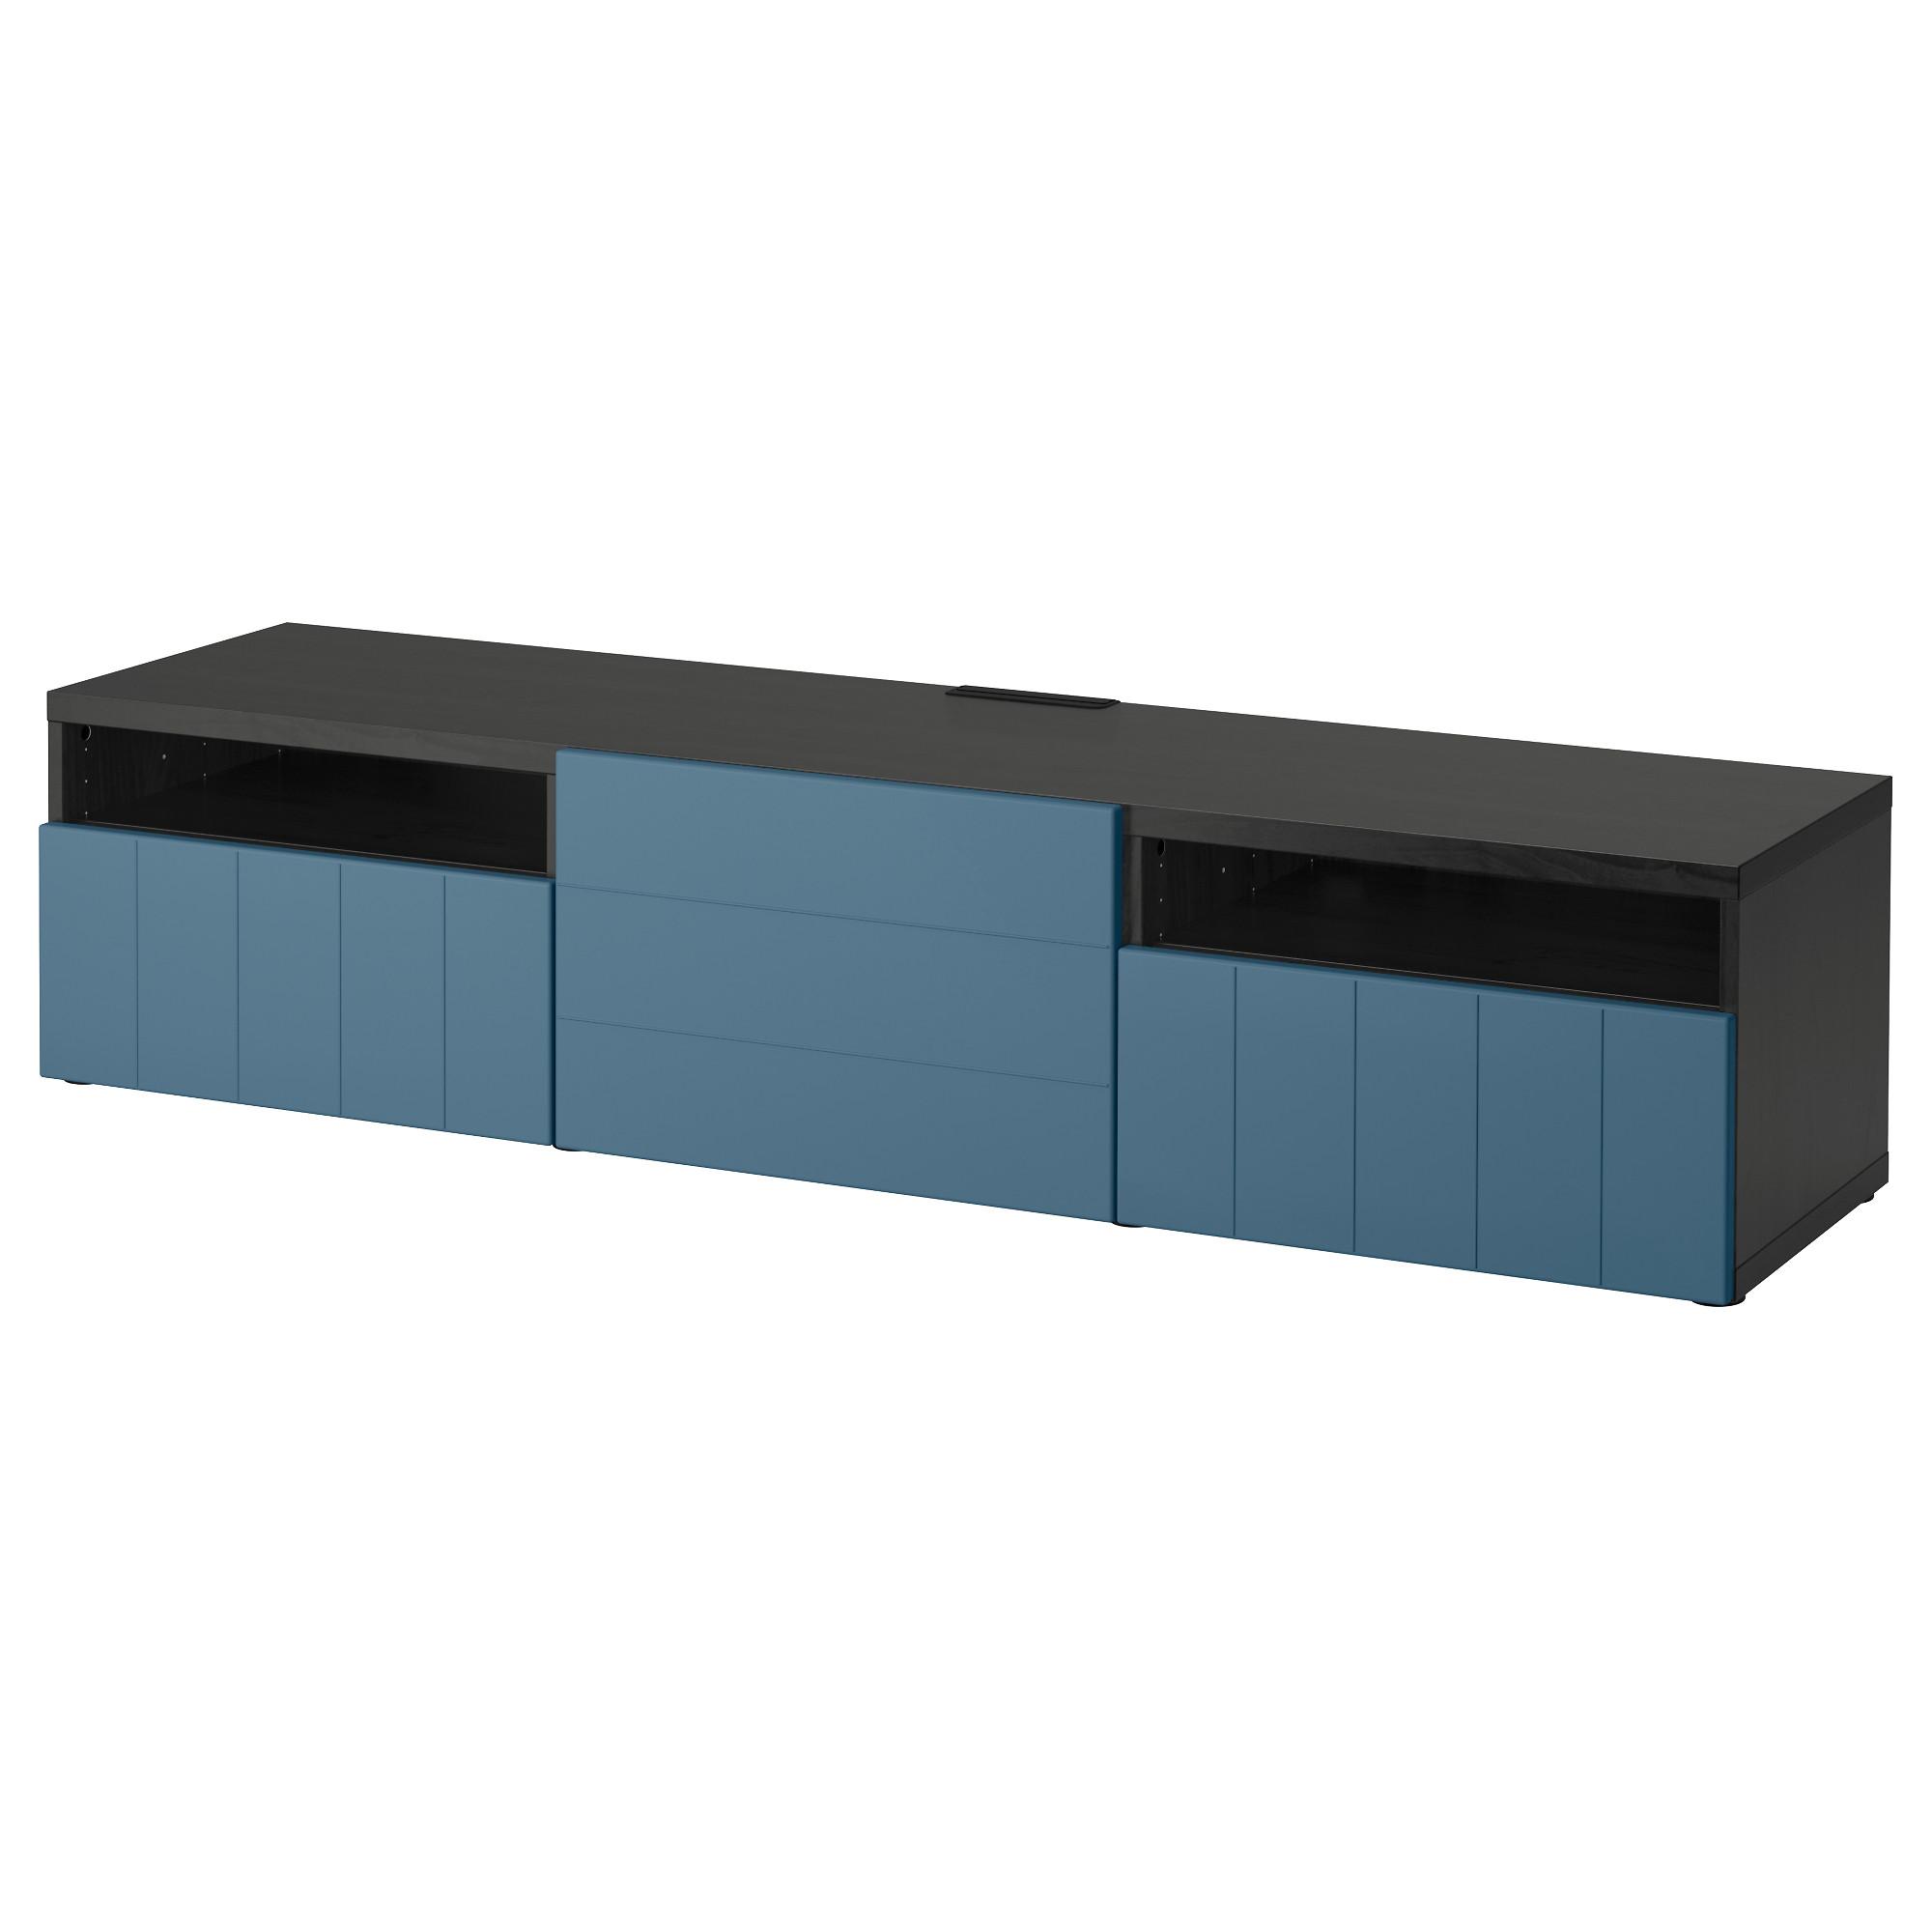 Тумба под ТВ с ящиками и дверцей БЕСТО темно-синий артикуль № 492.758.37 в наличии. Online сайт IKEA РБ. Недорогая доставка и соборка.